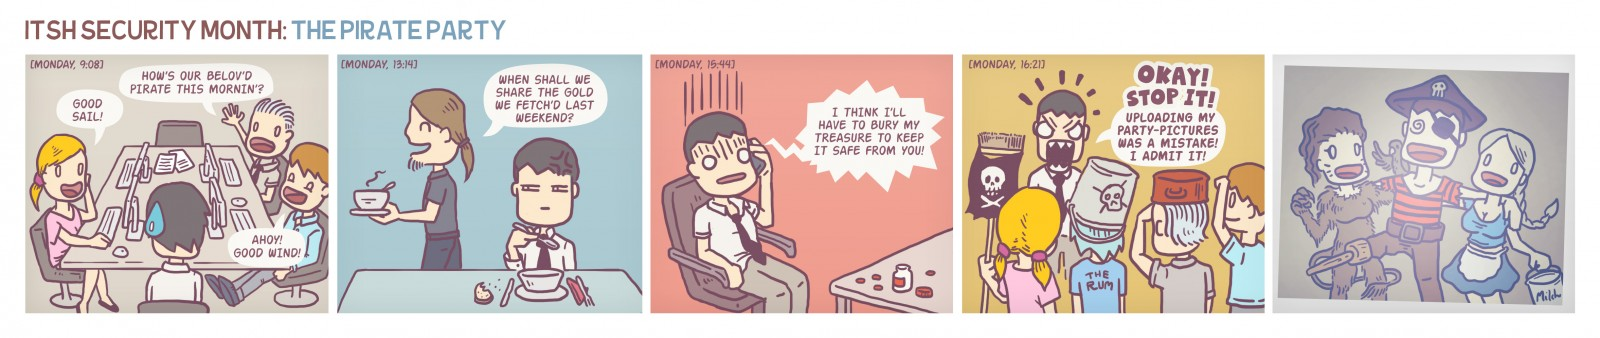 itsh_sec_comics_001_A_ENG